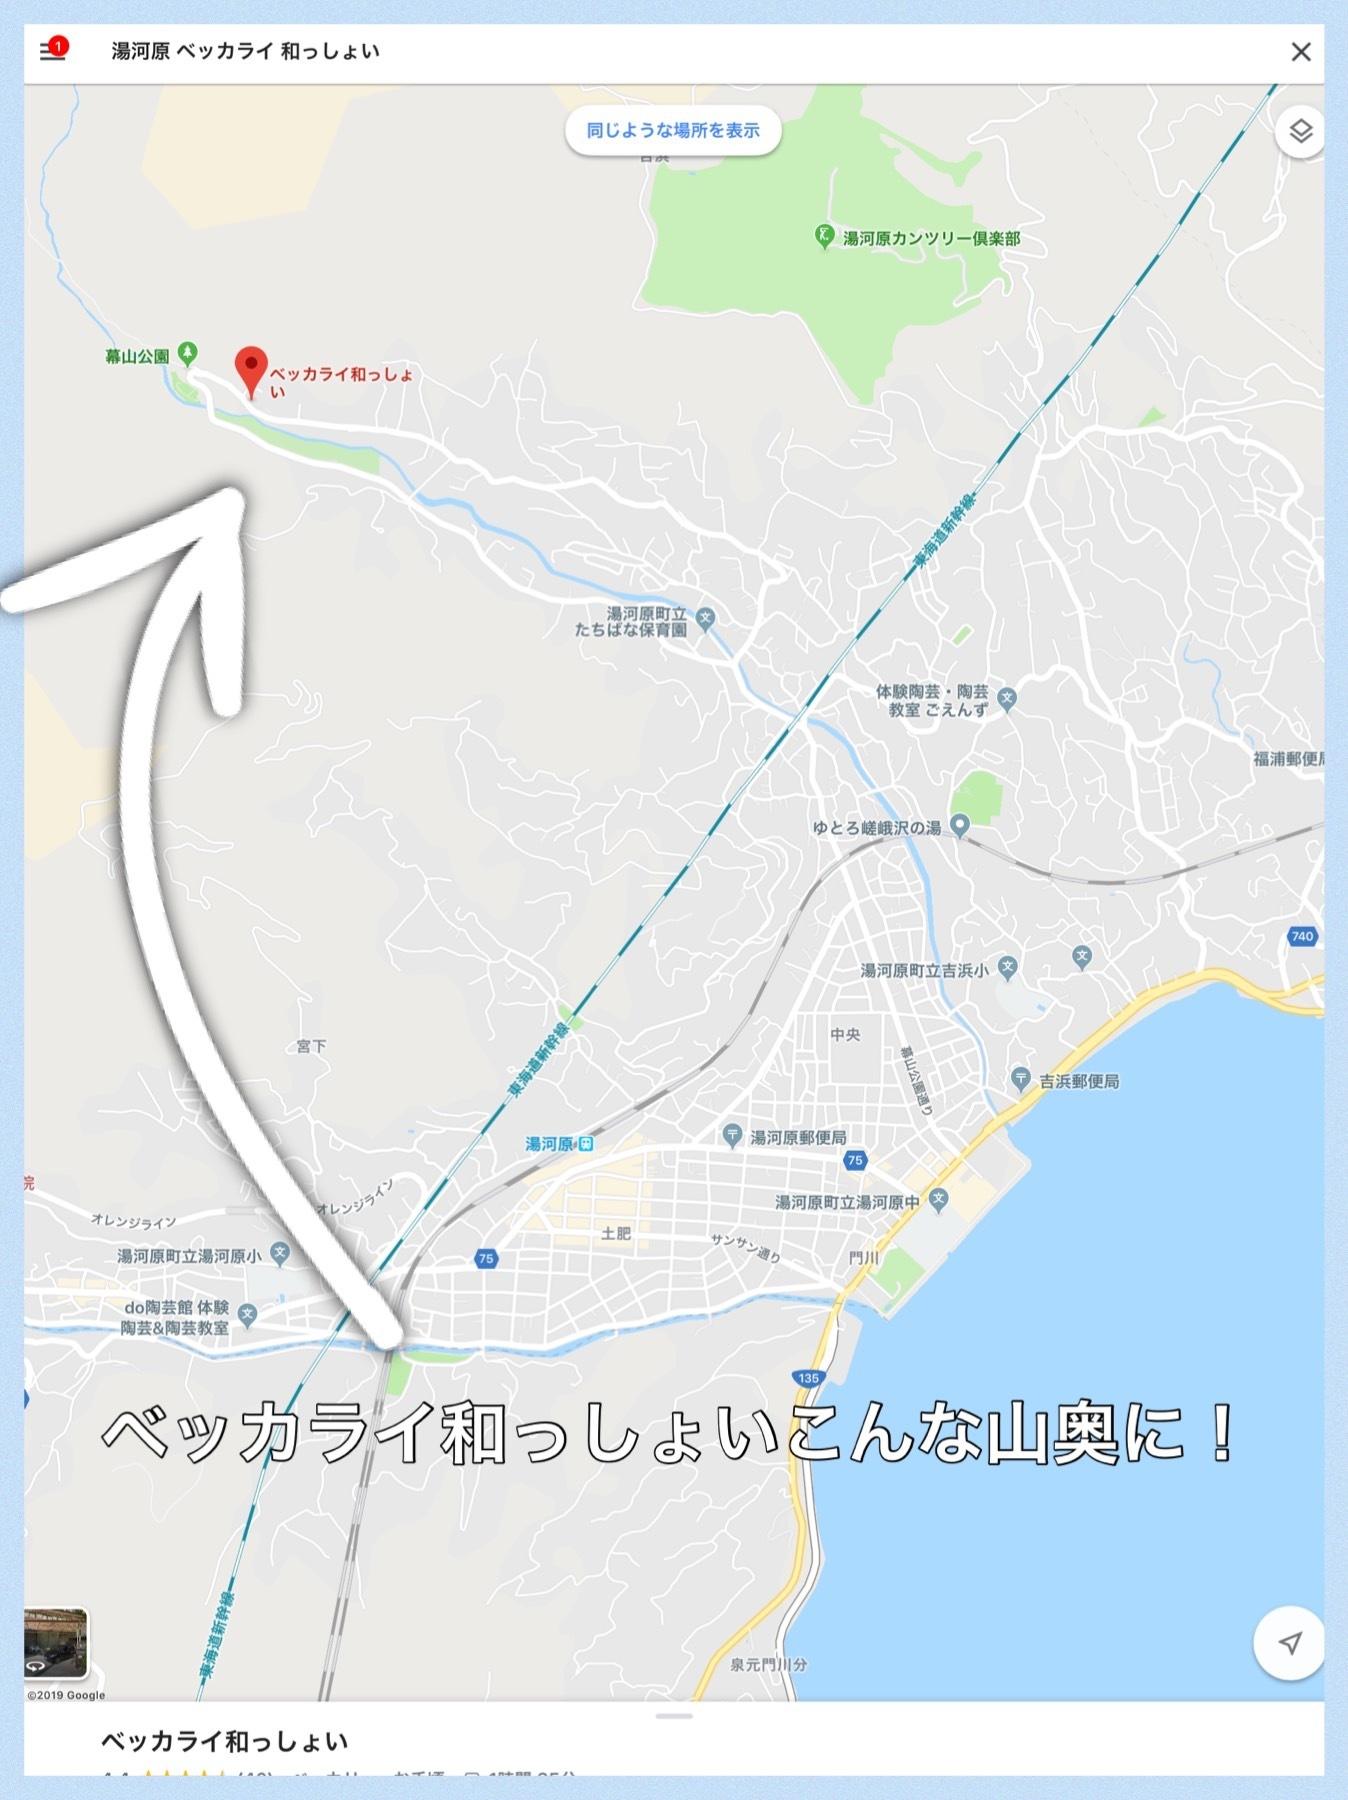 「ベッカライ 和っしょい(わっしょい)「